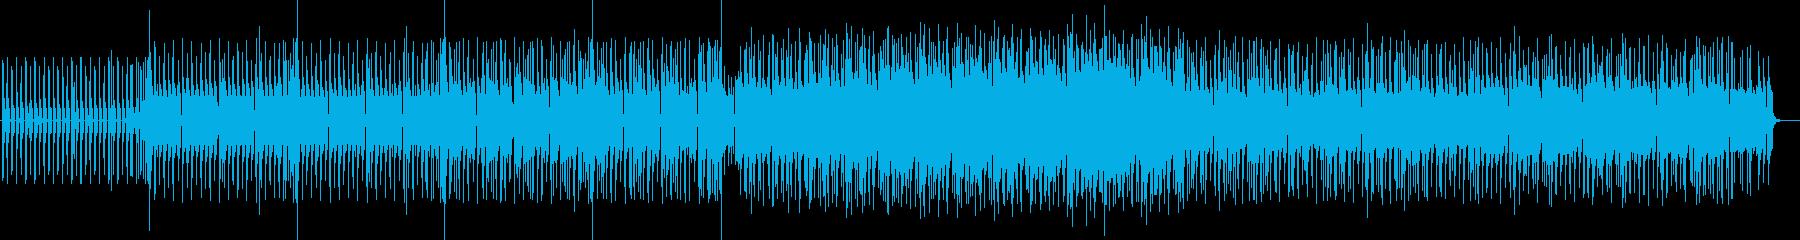 不思議さと温かみのあるミドルエレクトロの再生済みの波形